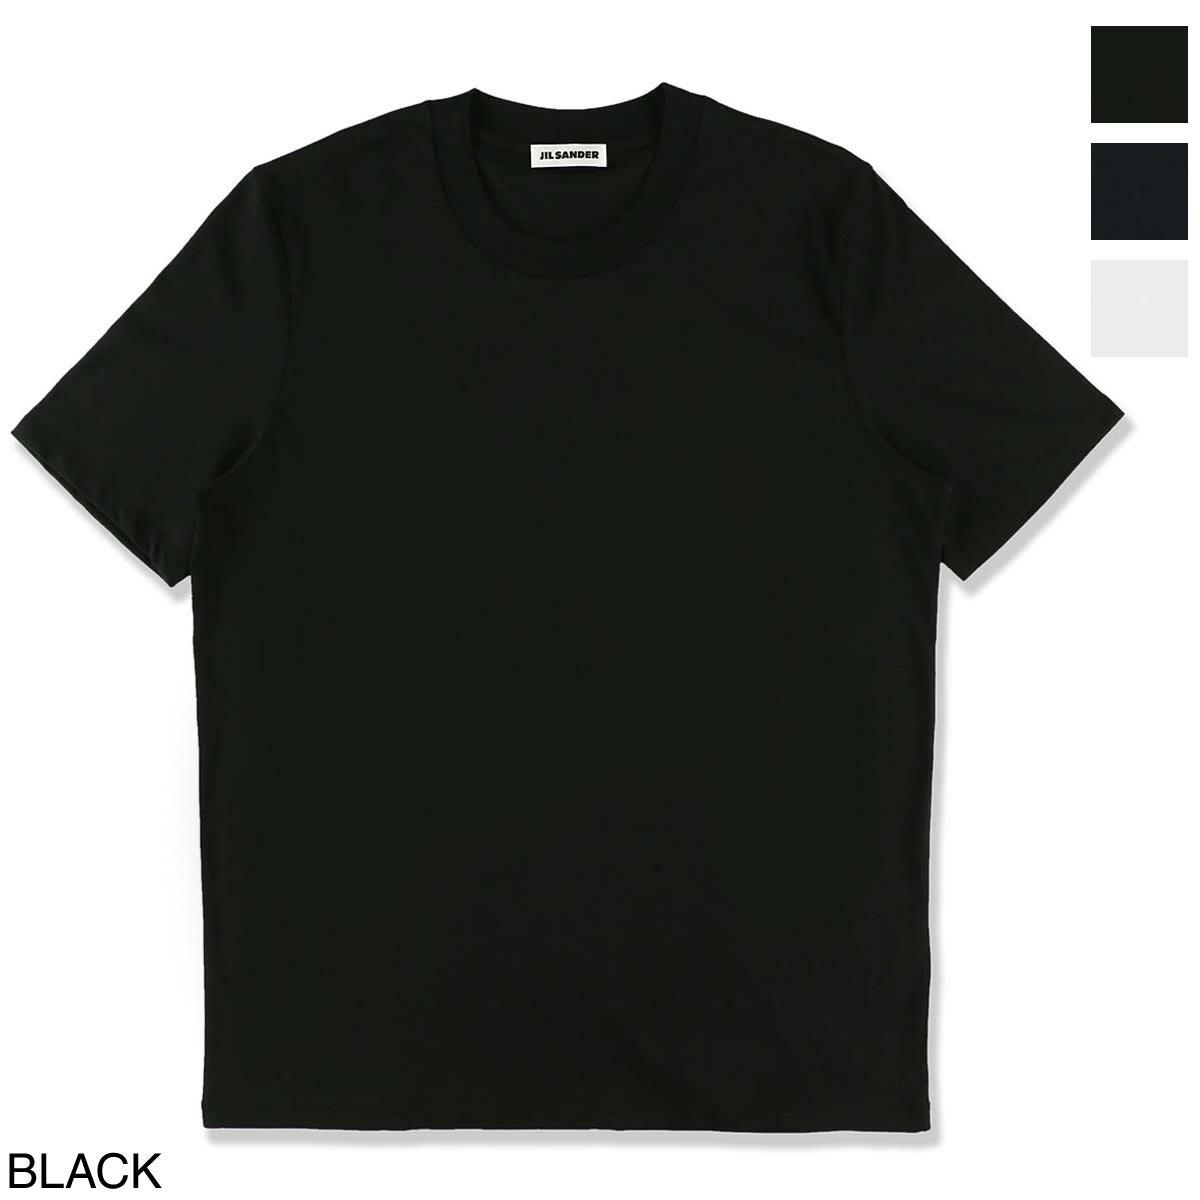 トップス, Tシャツ・カットソー  JIL SANDER T jsmq706020 mq247308 001